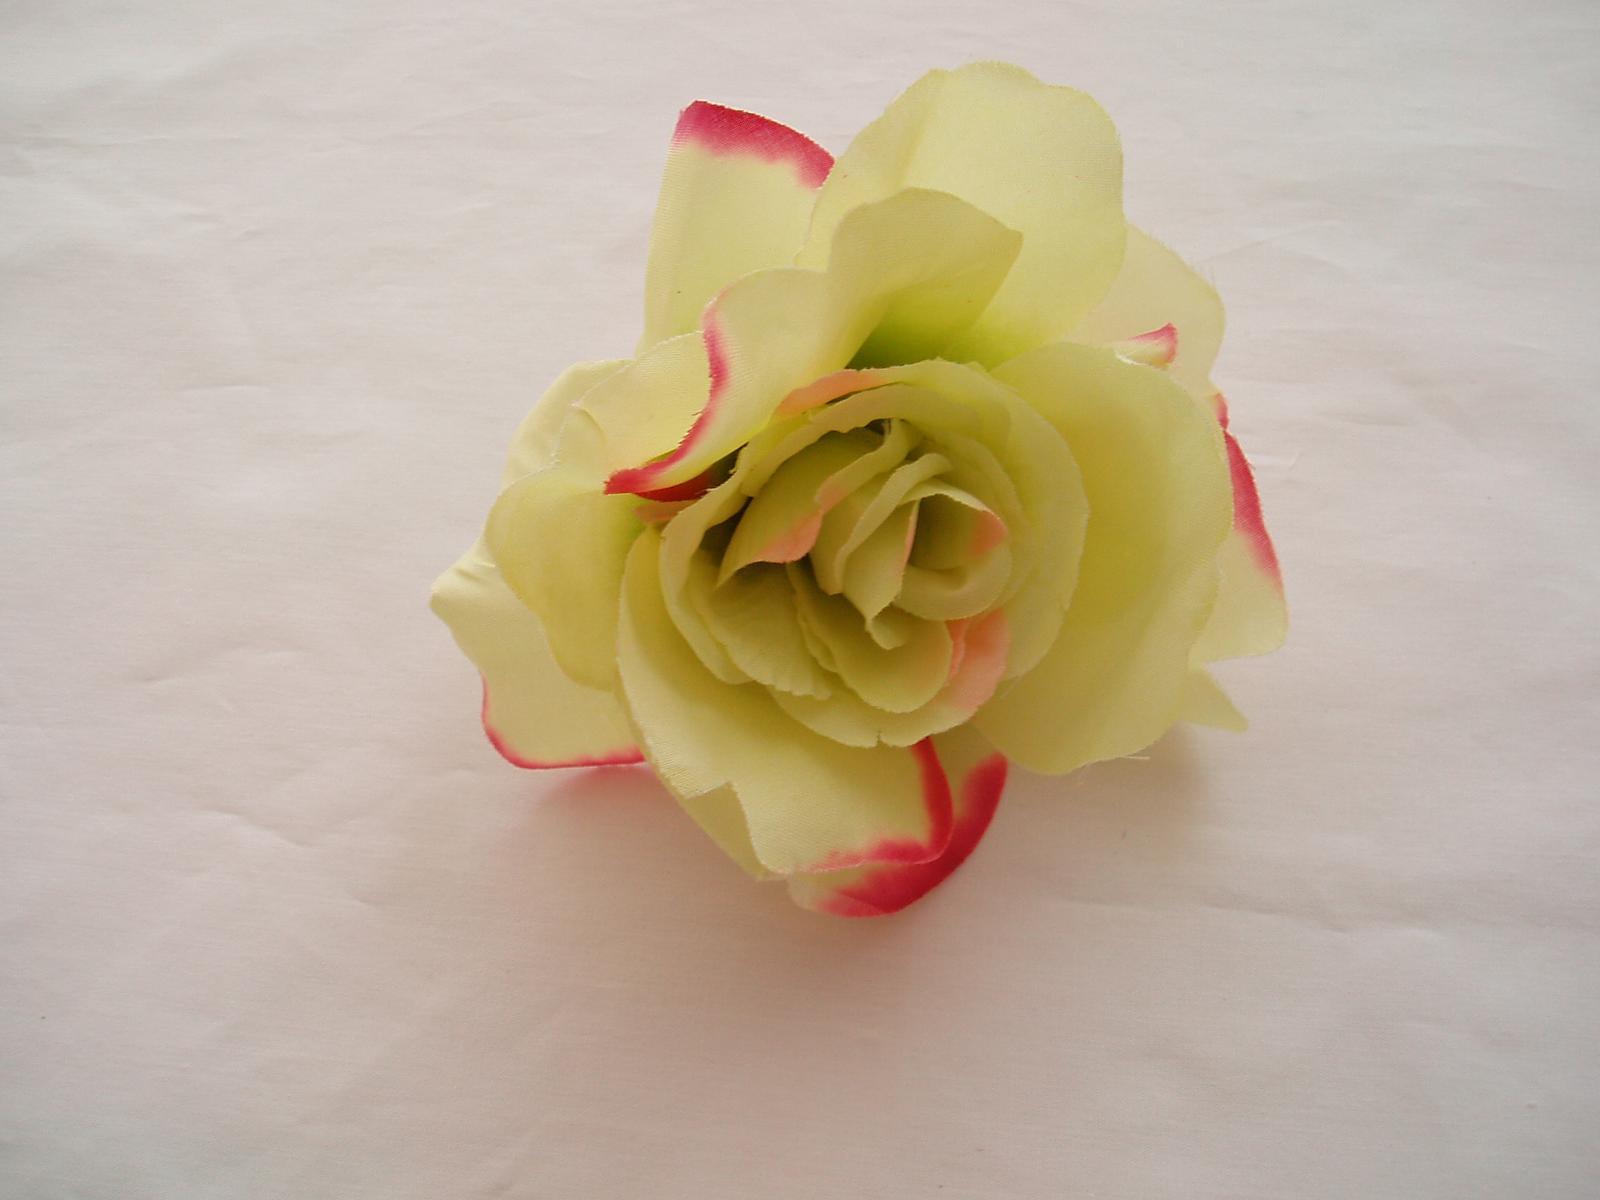 růže-zelená - Obrázek č. 1